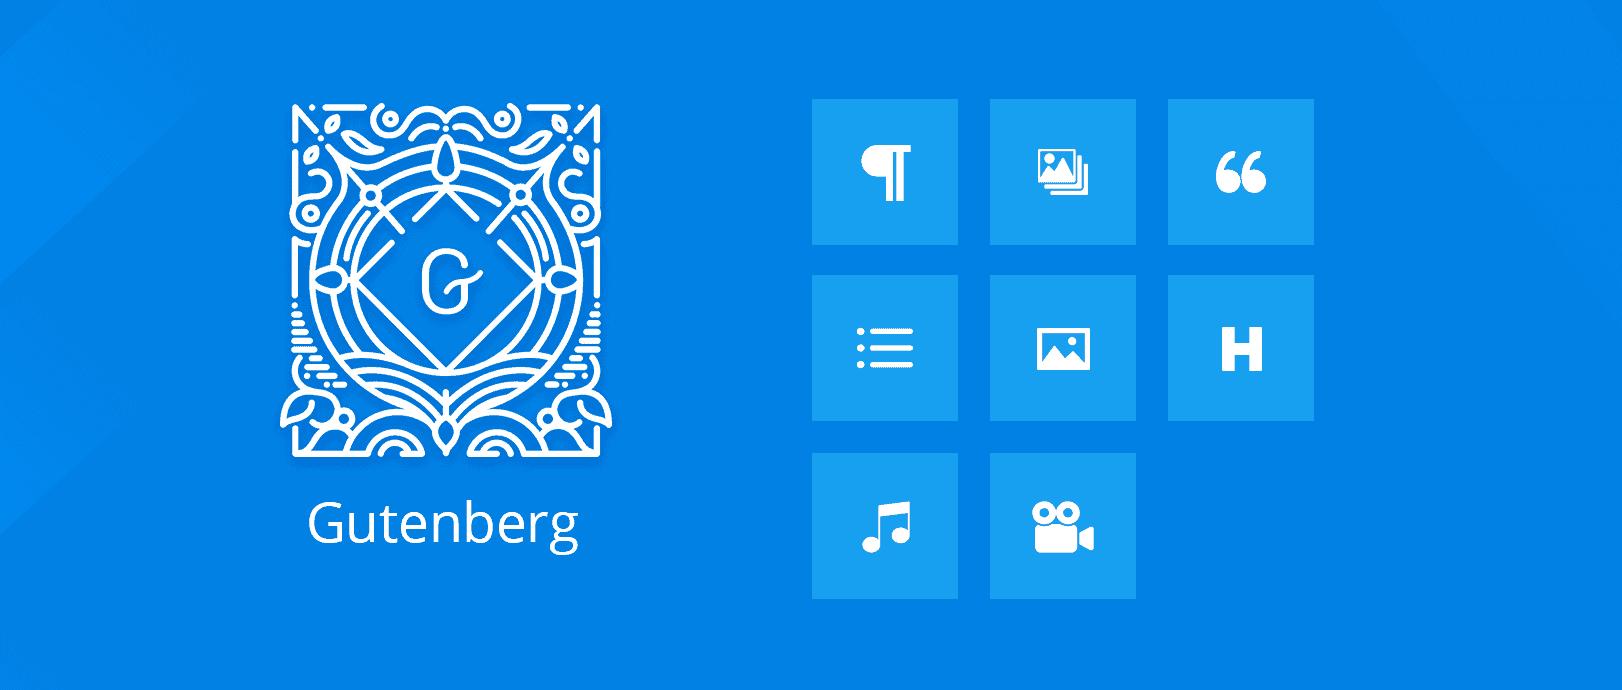 Met de introductie van Gutenberg is het maken en opmaken van inhoud op WordPress gemakkelijk gemaakt